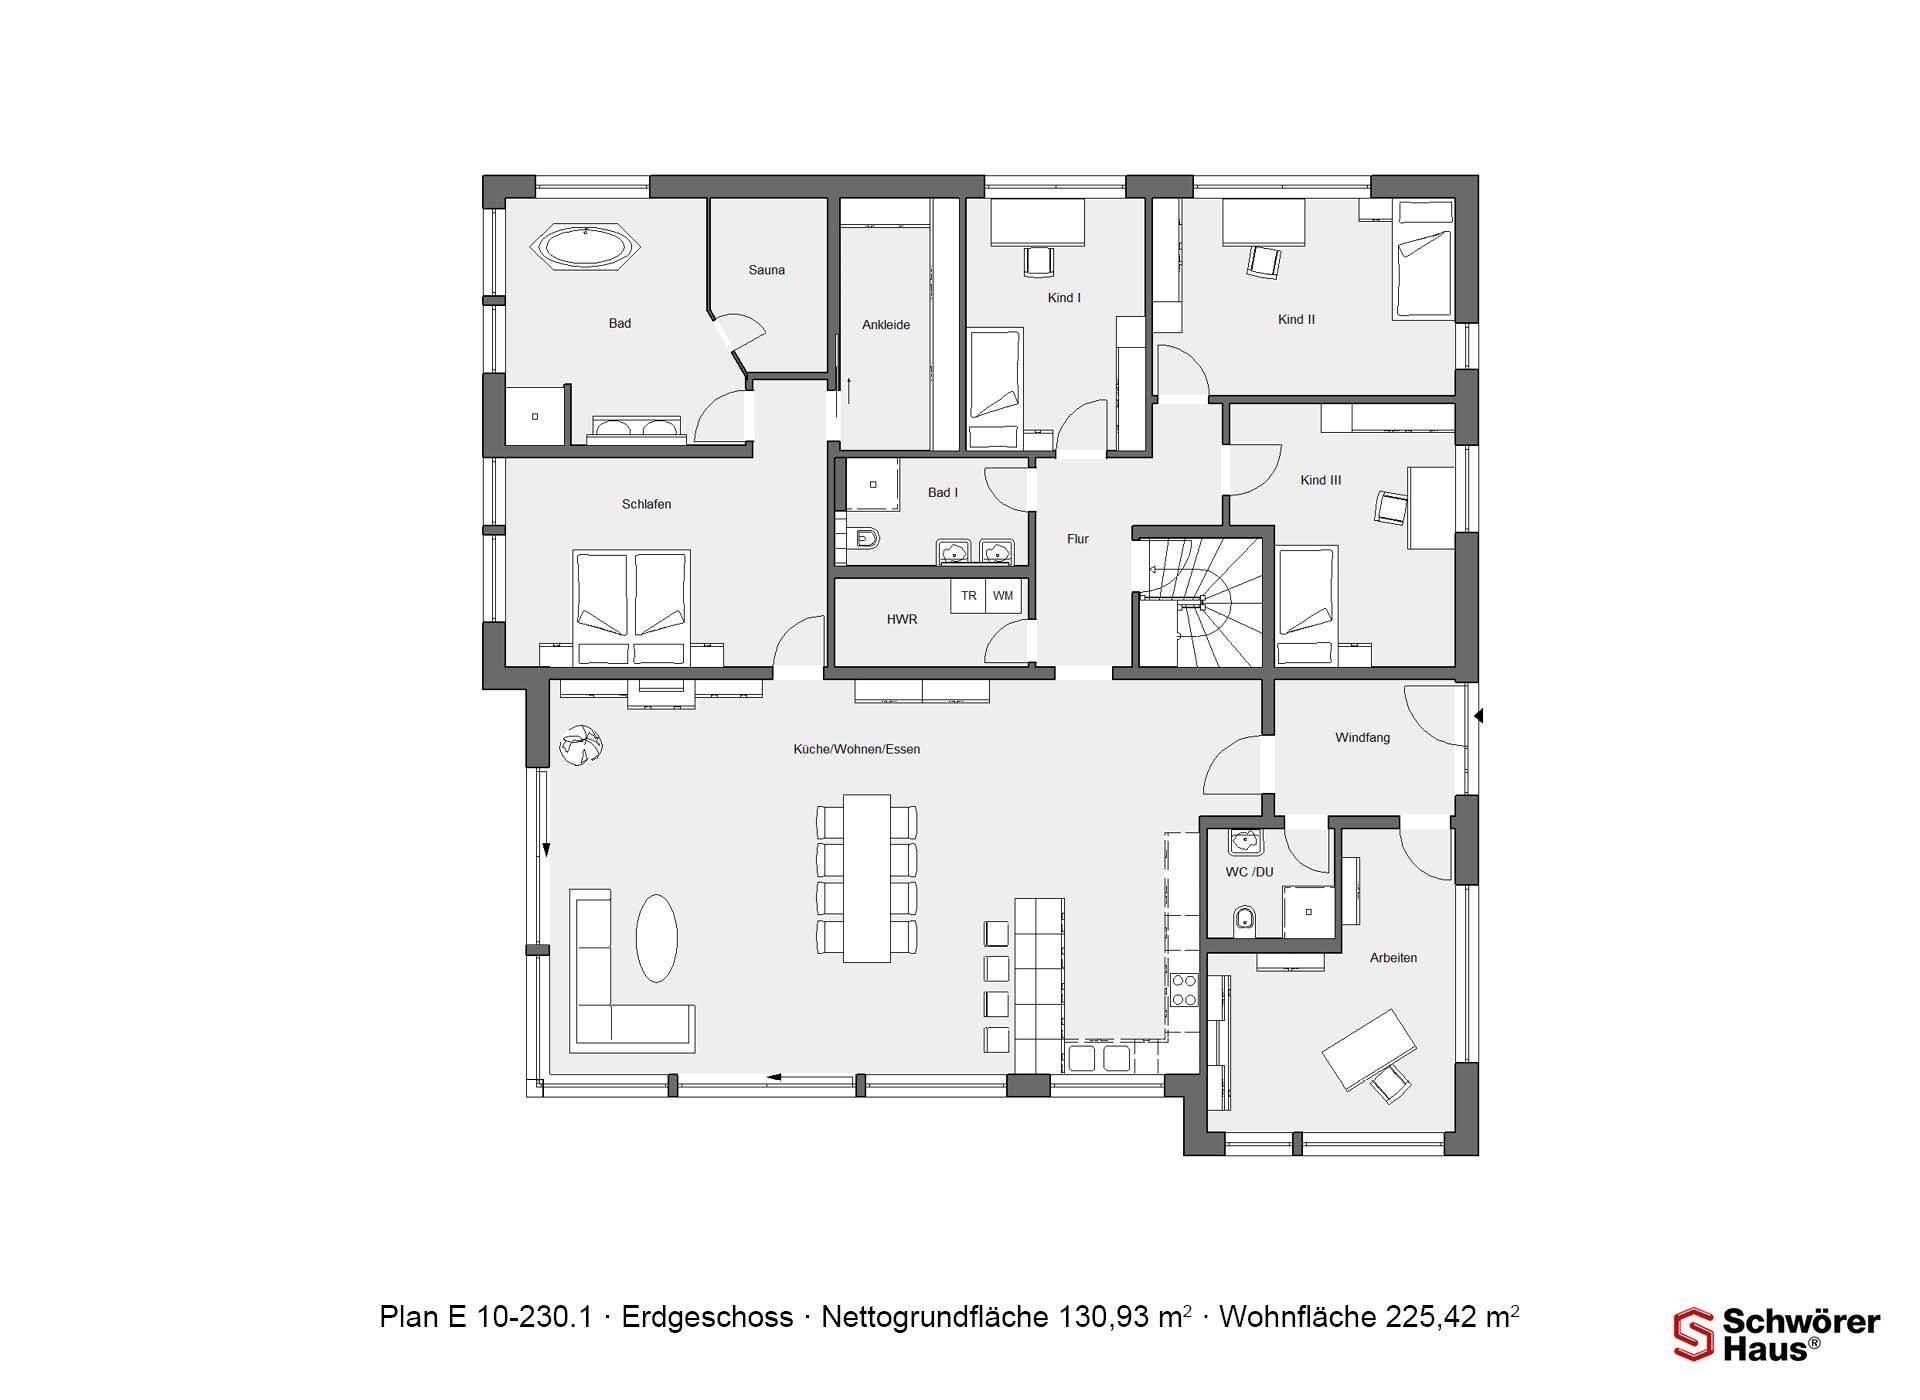 Plan E 10-225.1 - Eine Nahaufnahme einer Uhr - Gebäudeplan